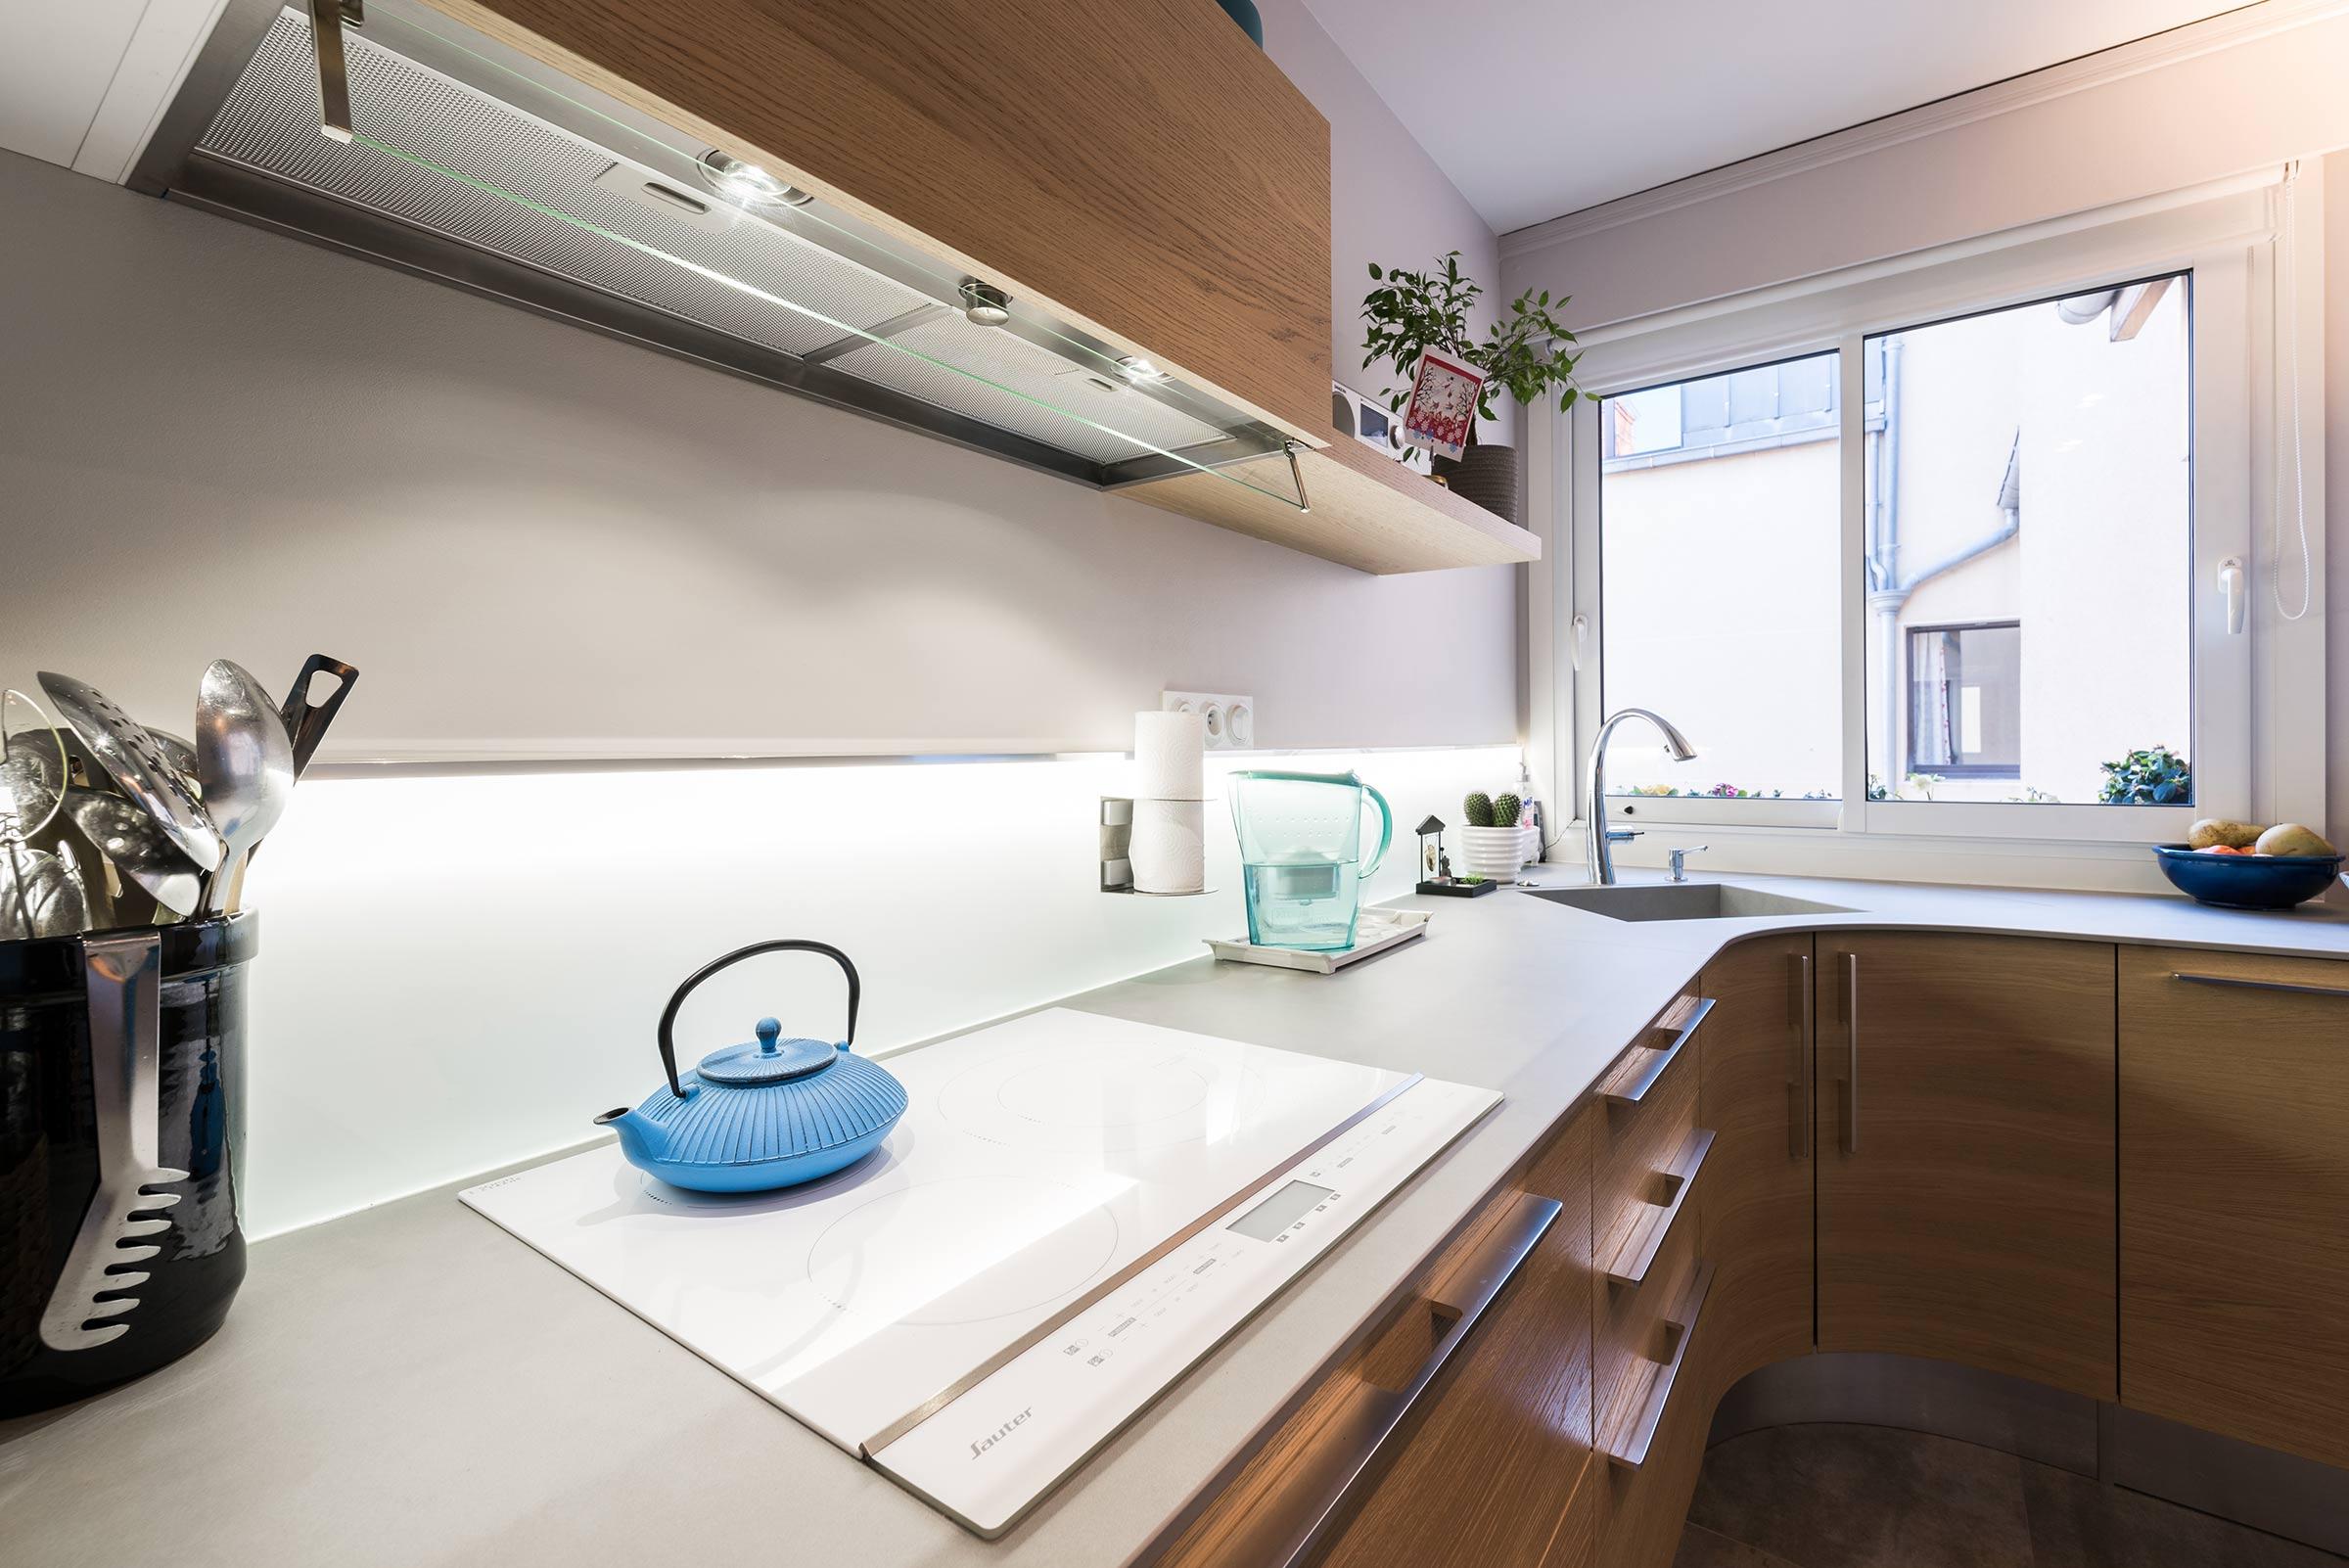 R novation d 39 une cuisine ronde aux brotteaux lyon - Renovation cuisine lyon ...